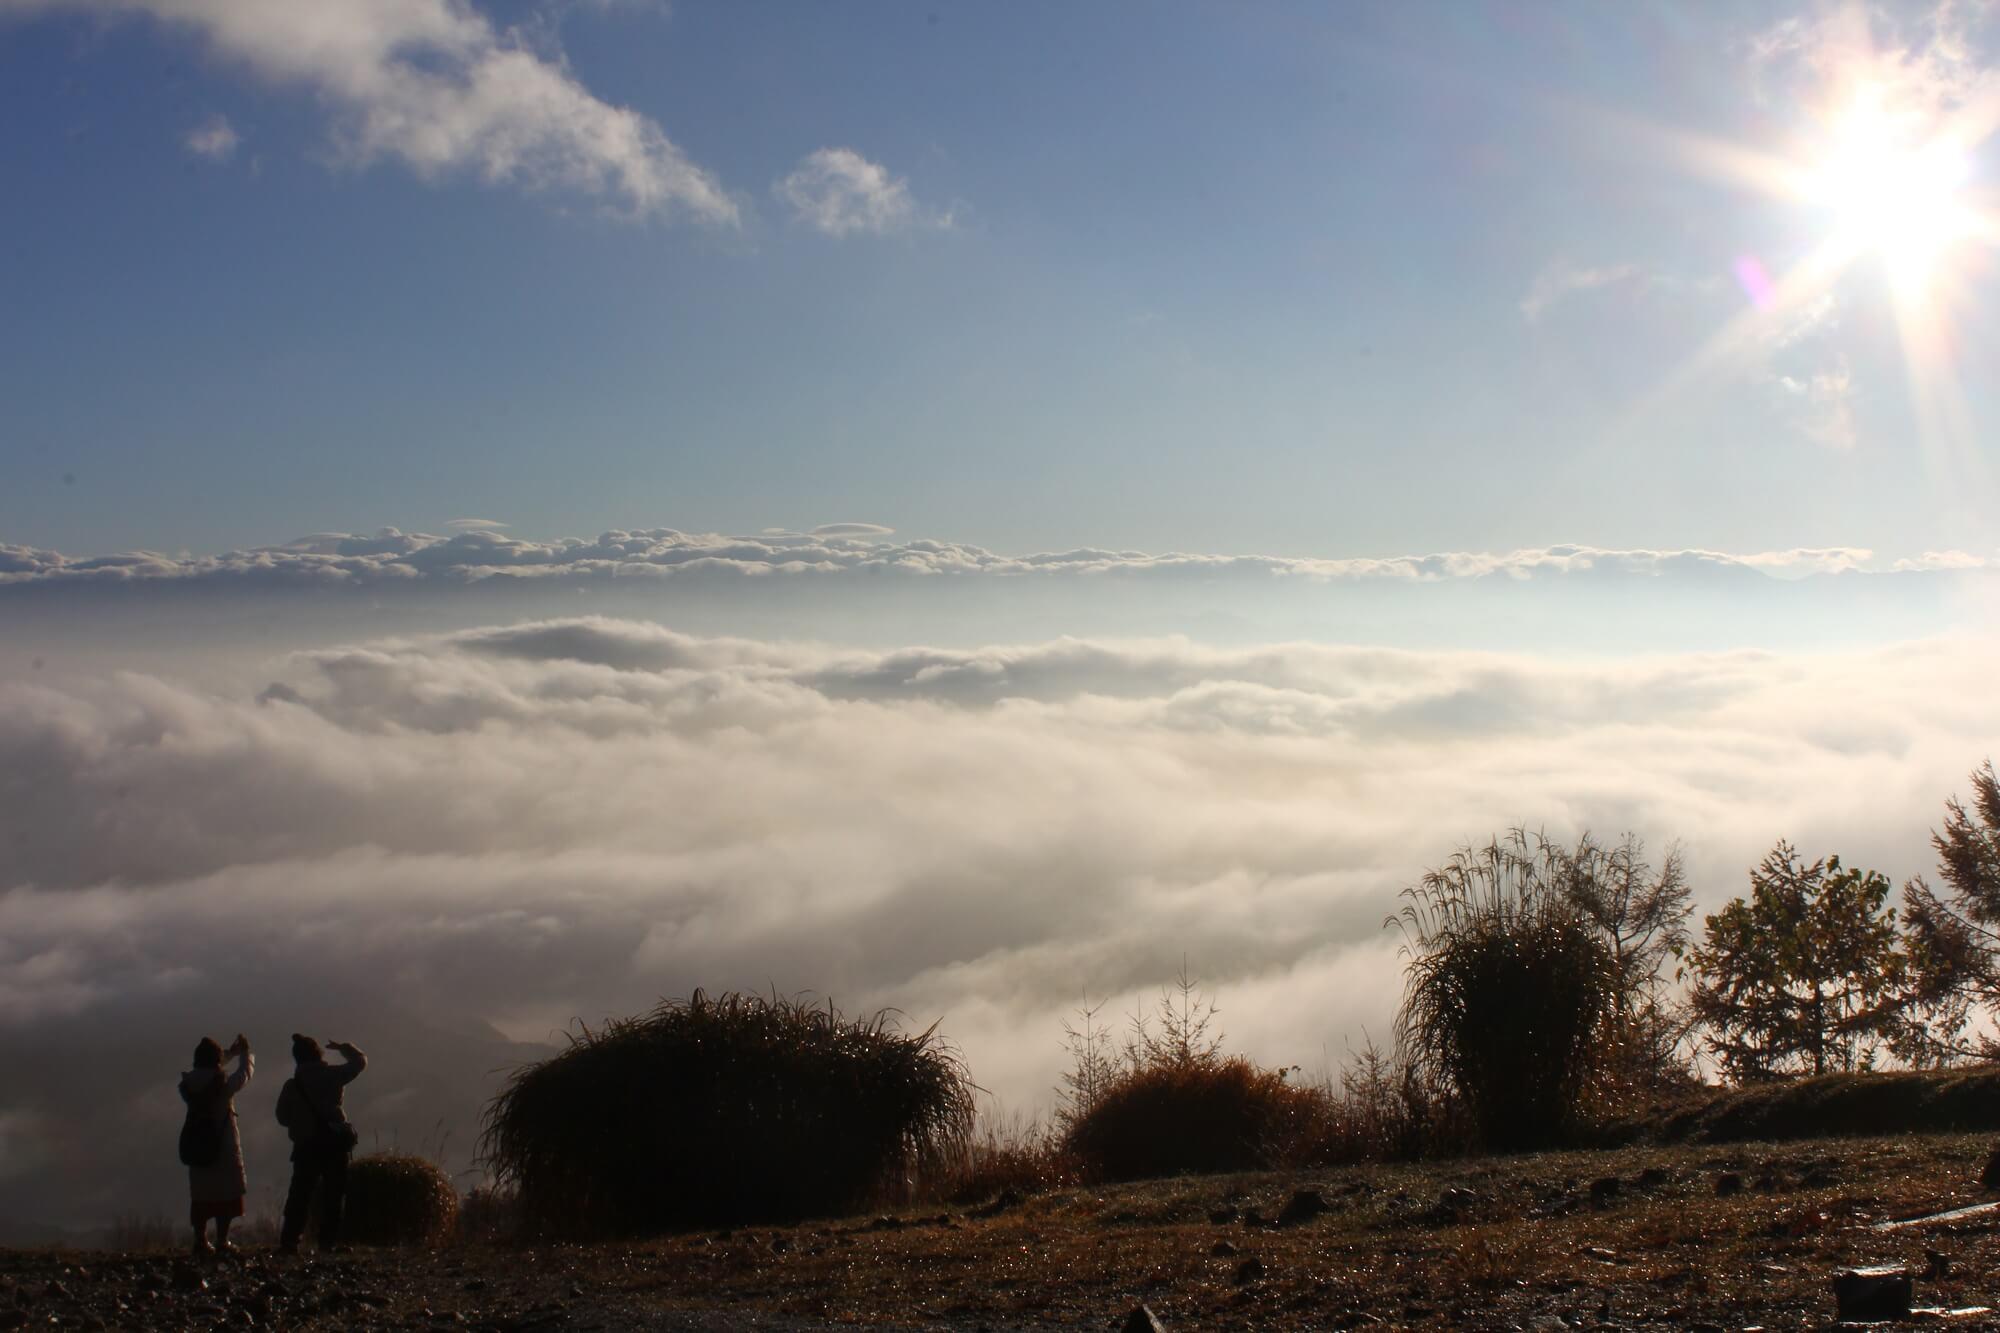 「天空の楽園 雲海Harbor」 SEASON2017 10/22~11/23まで開催 天空の楽園 日本一の星空ツアー | スタービレッジ阿智